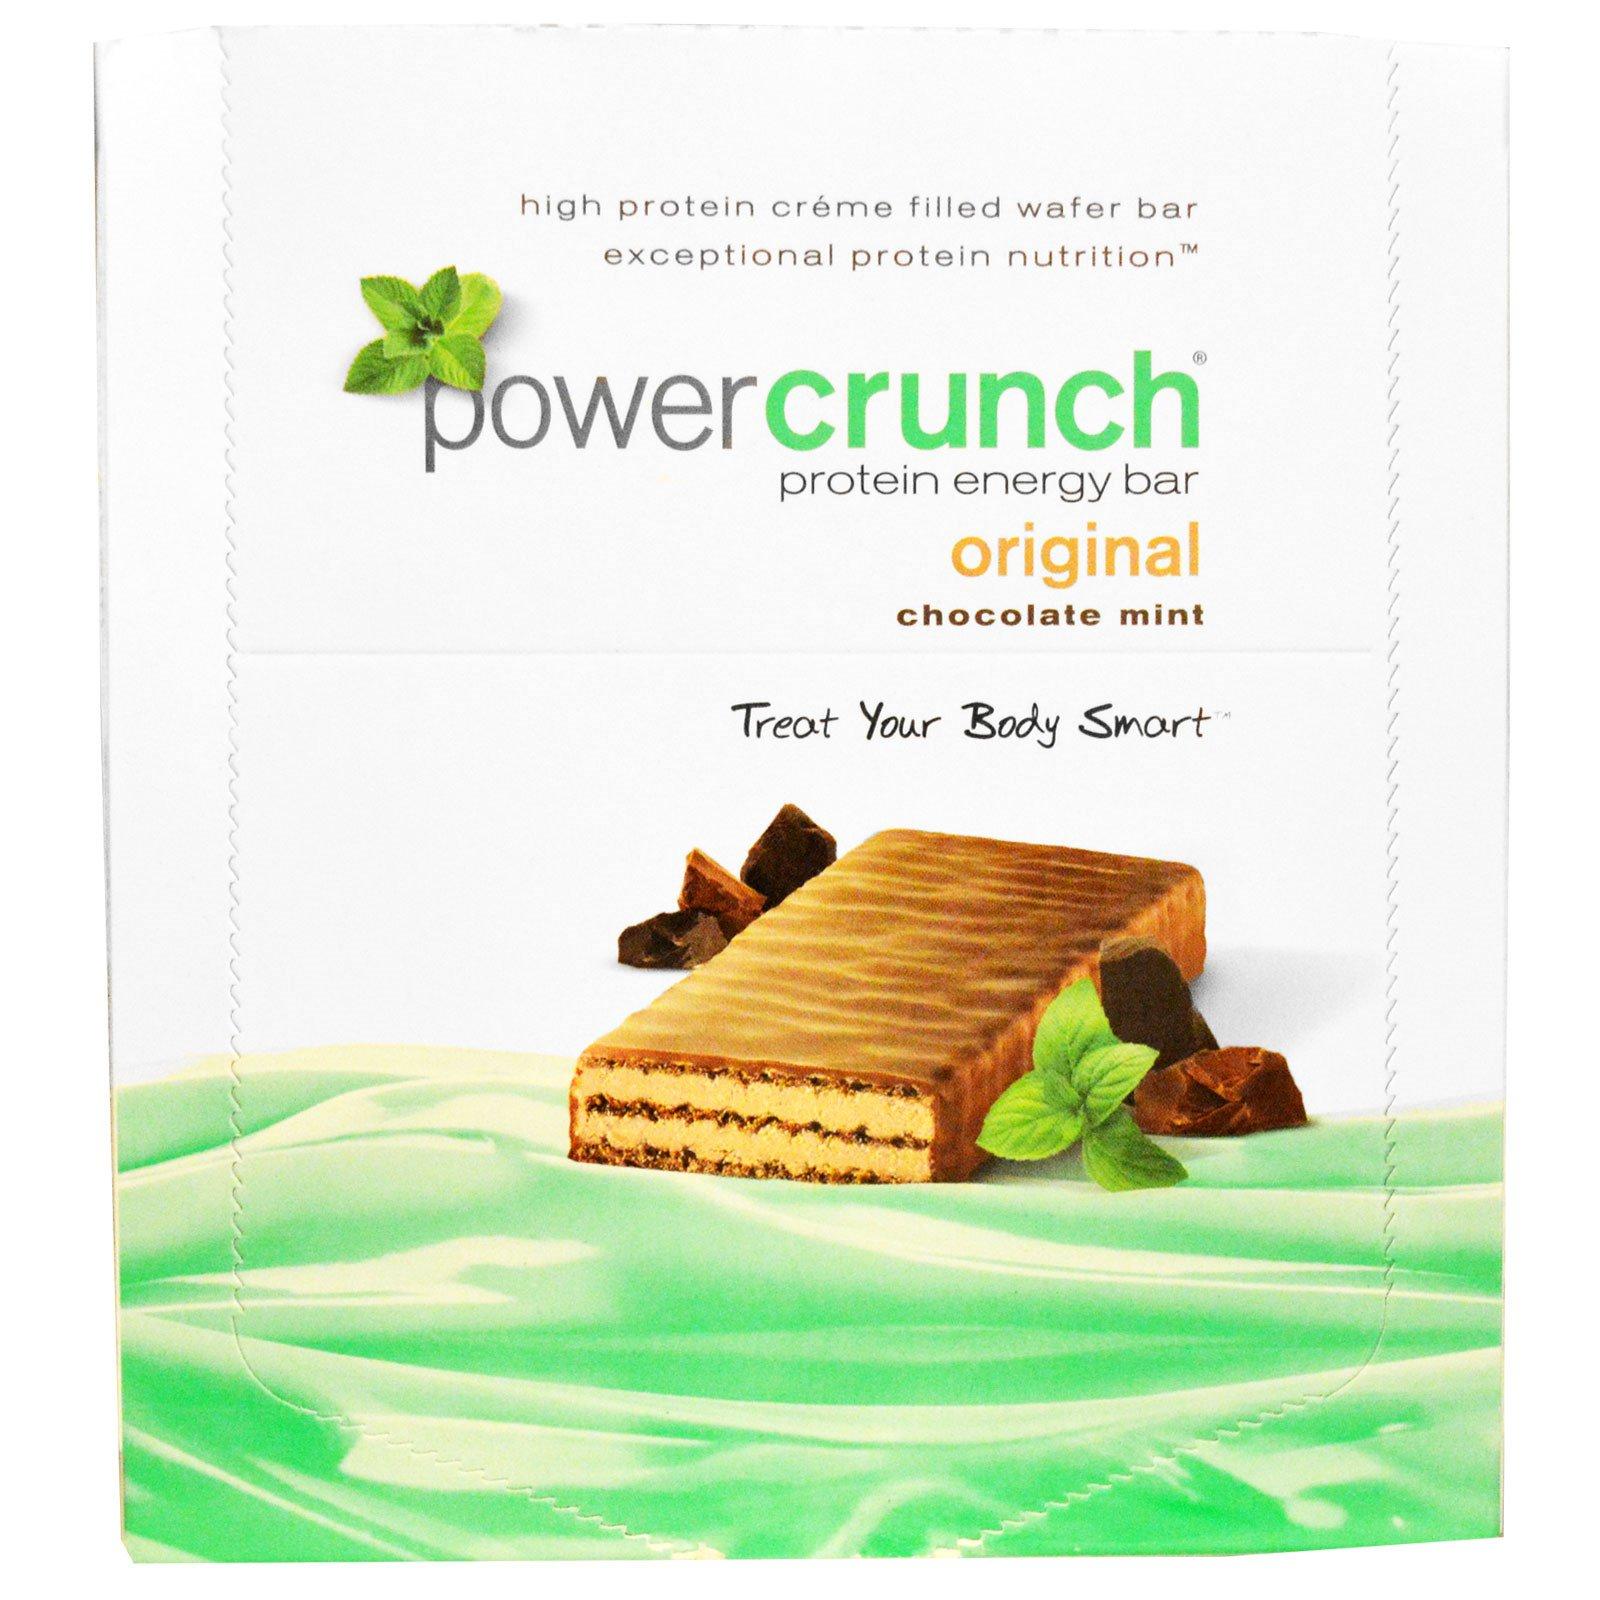 BNRG, Power Crunch, протеиновый энергетический батончик с оригинальным вкусом шоколада и мяты, 12 шт. по 40 г